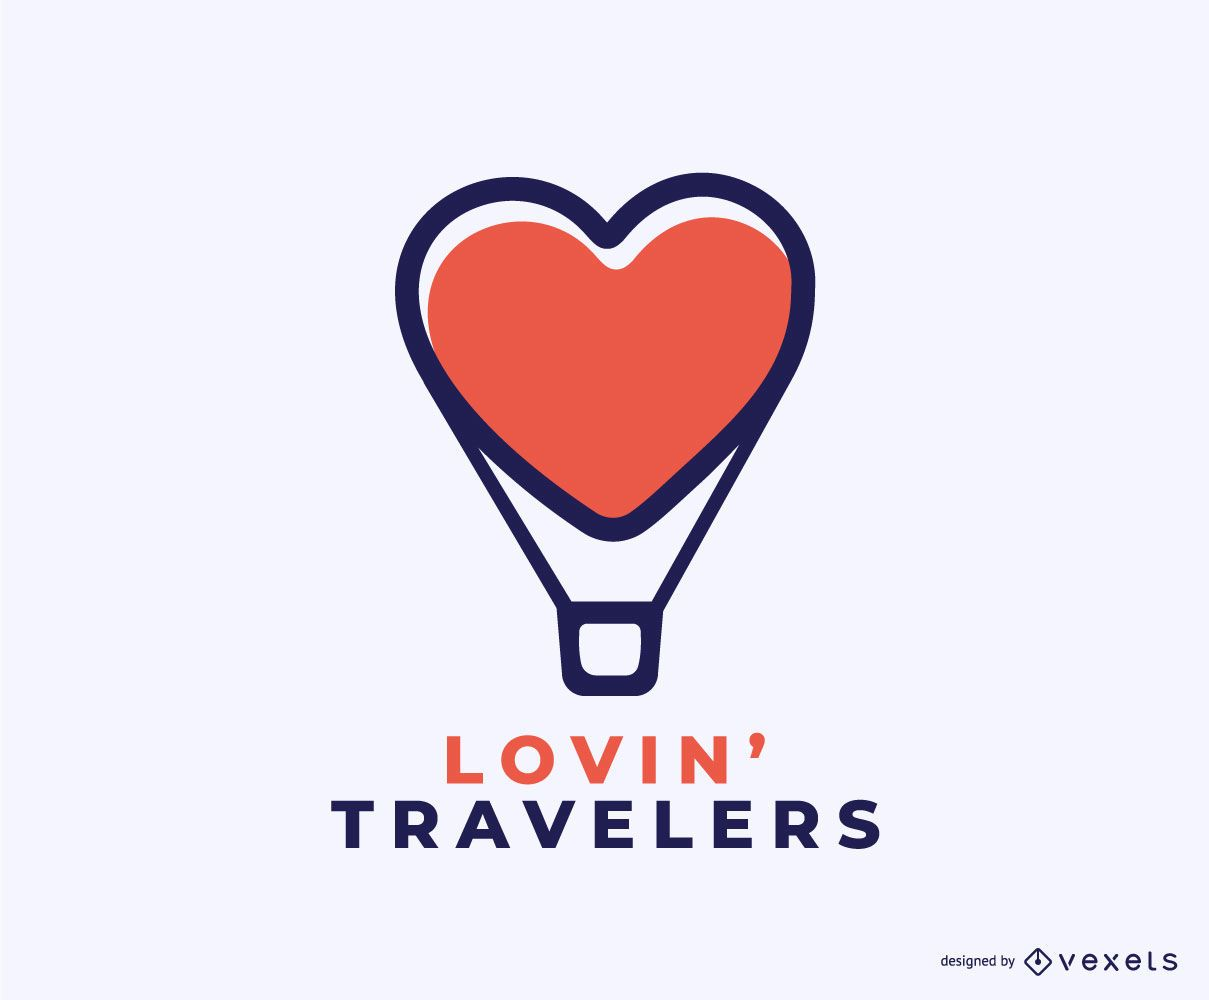 Dise?o de logotipo Lovin Travelers Concept